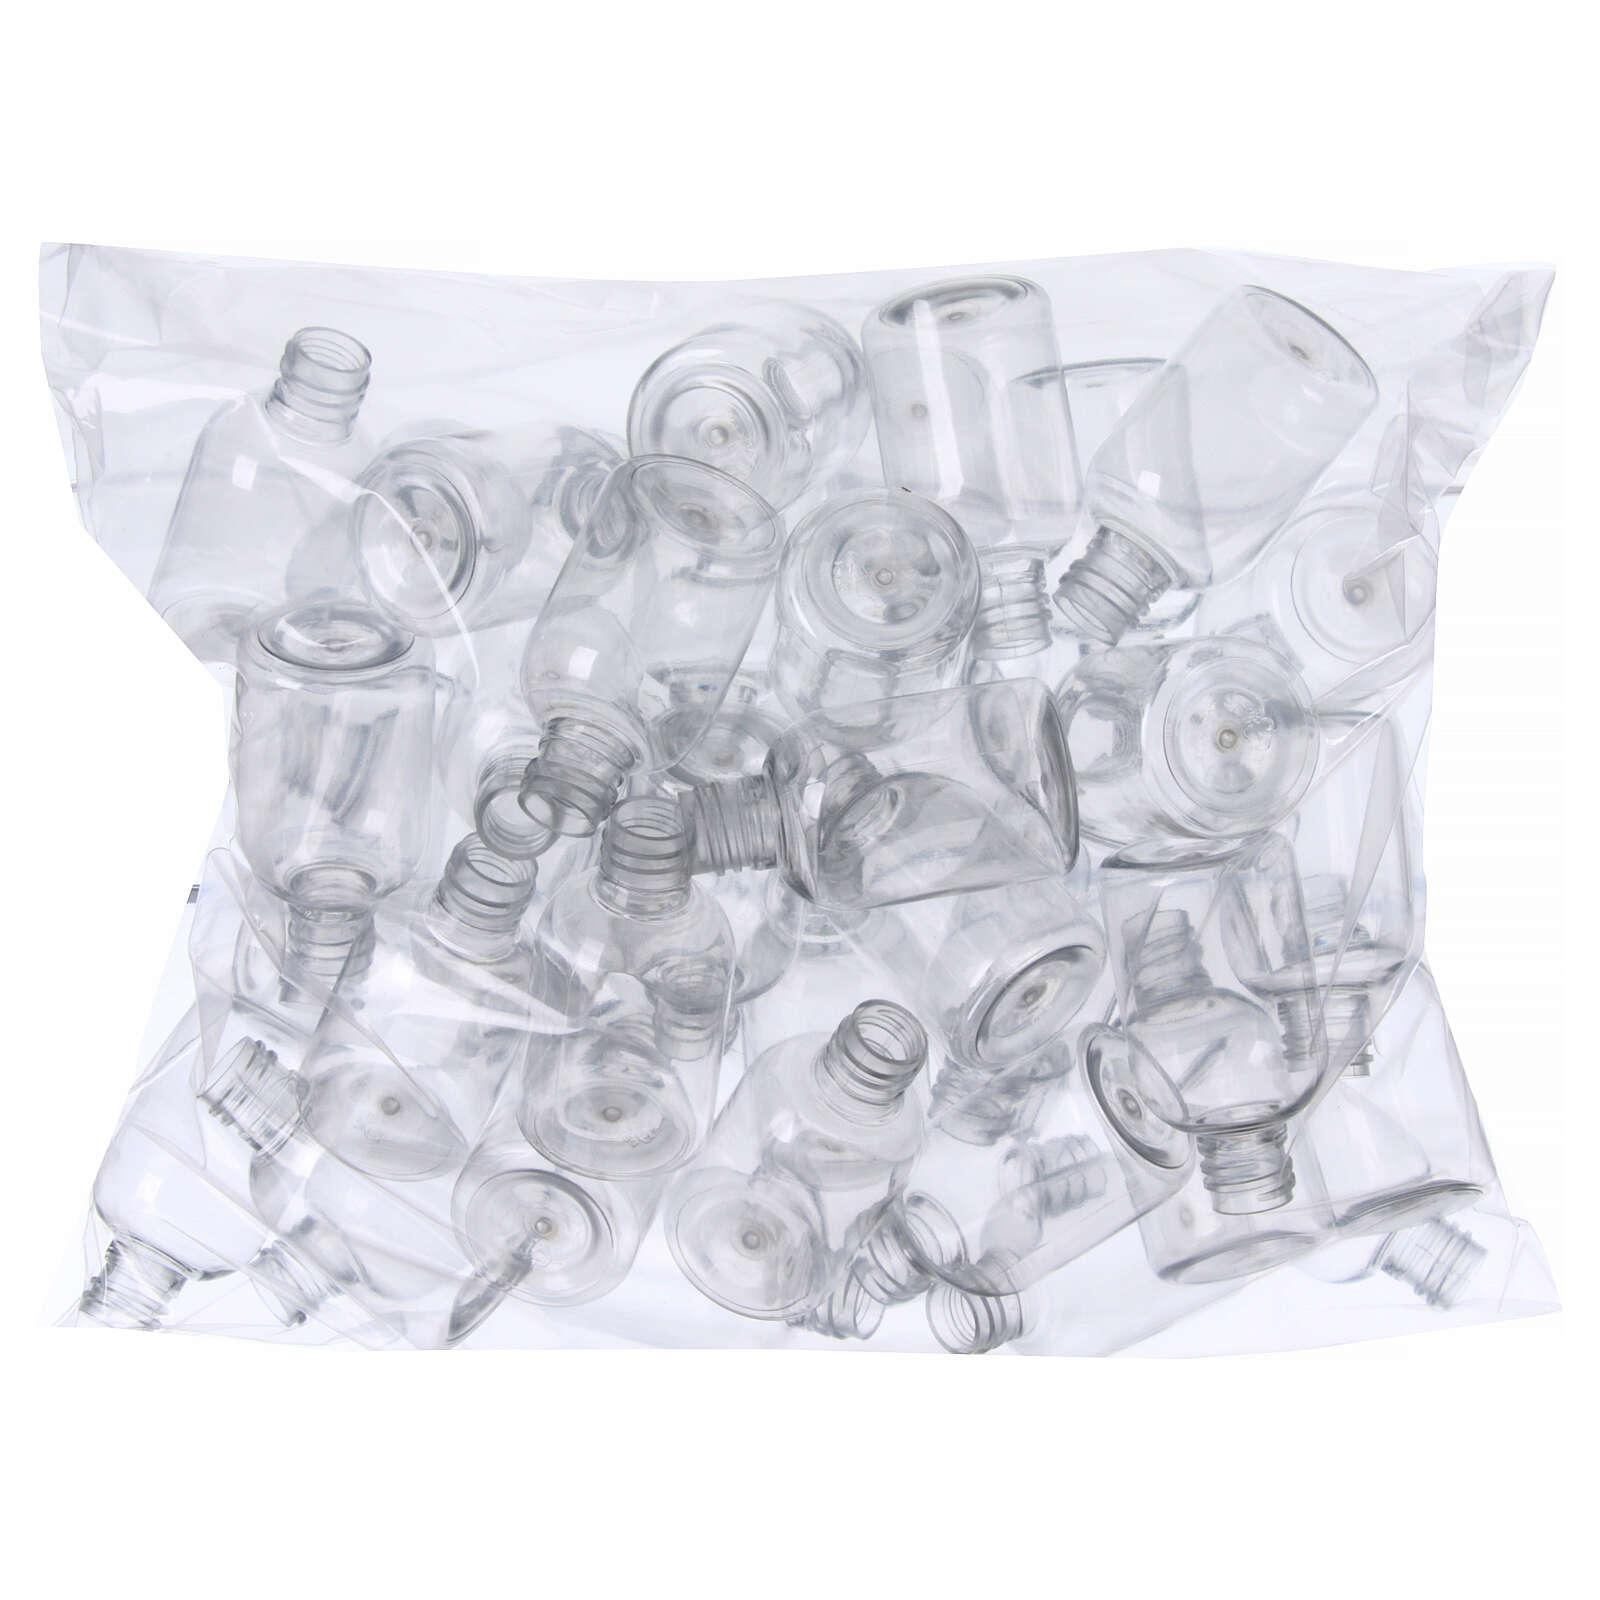 Bouteilles eau bénite 50 ml emballage 100 pcs 3